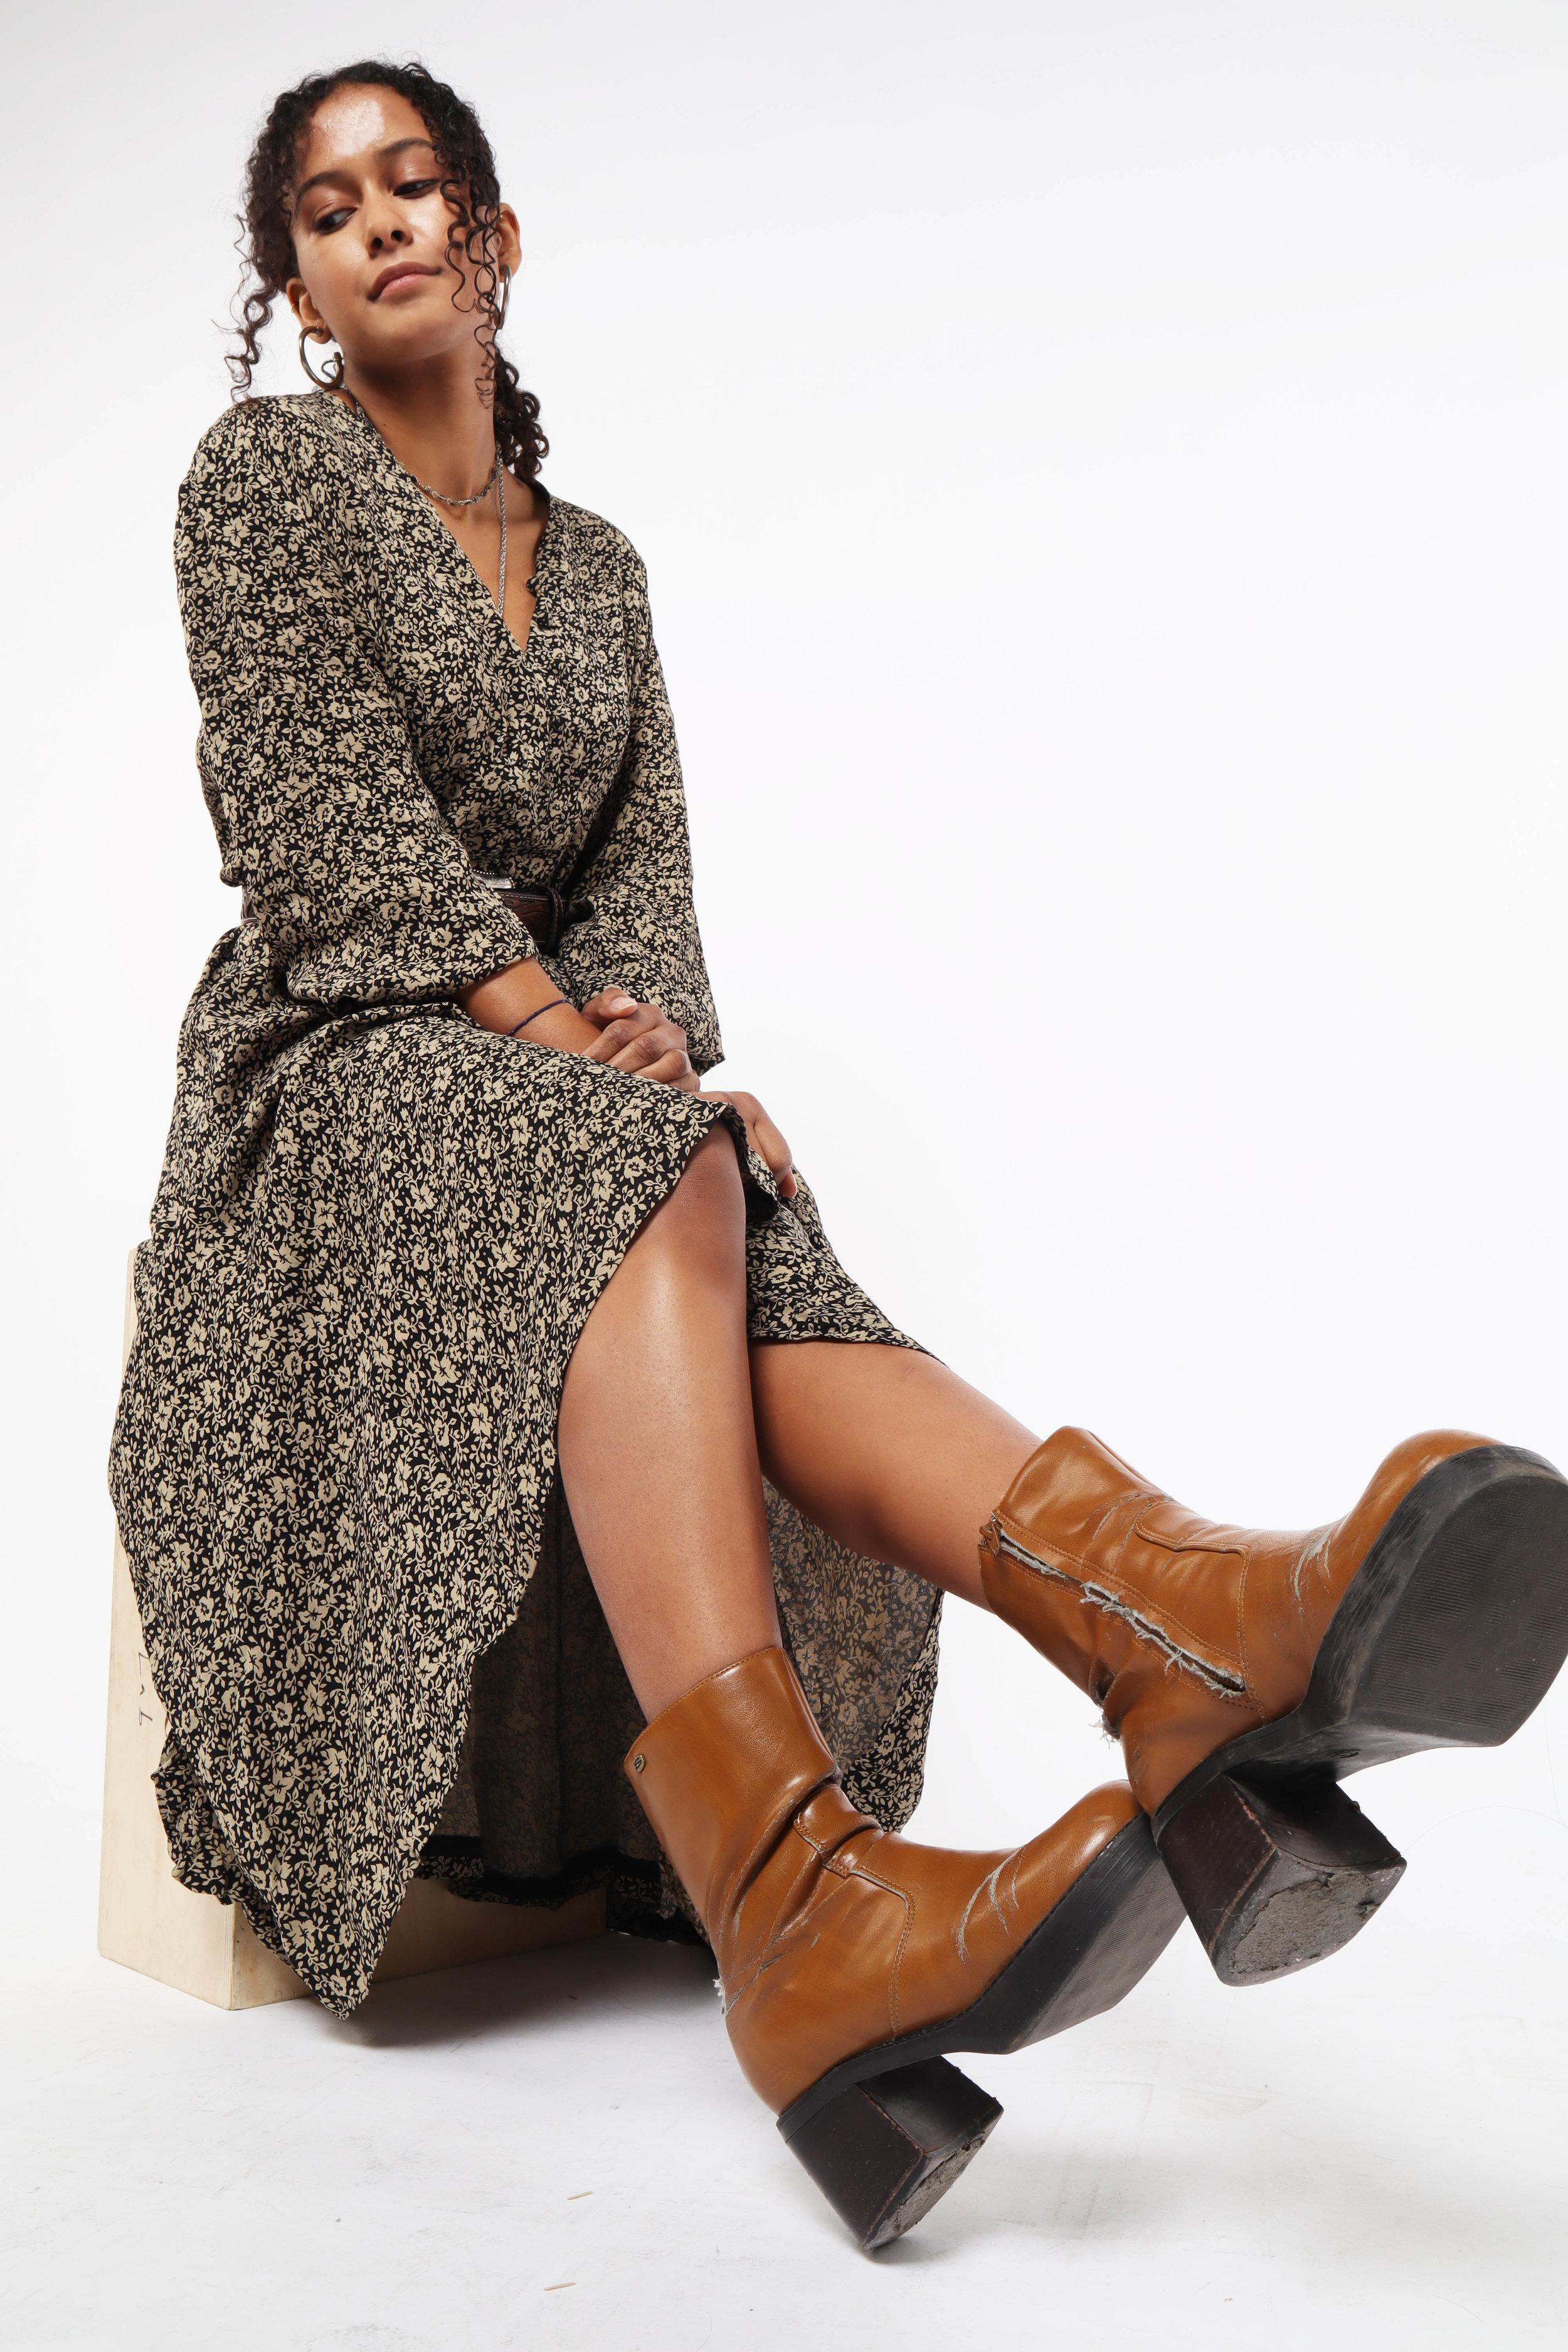 Model: Amber Barbell